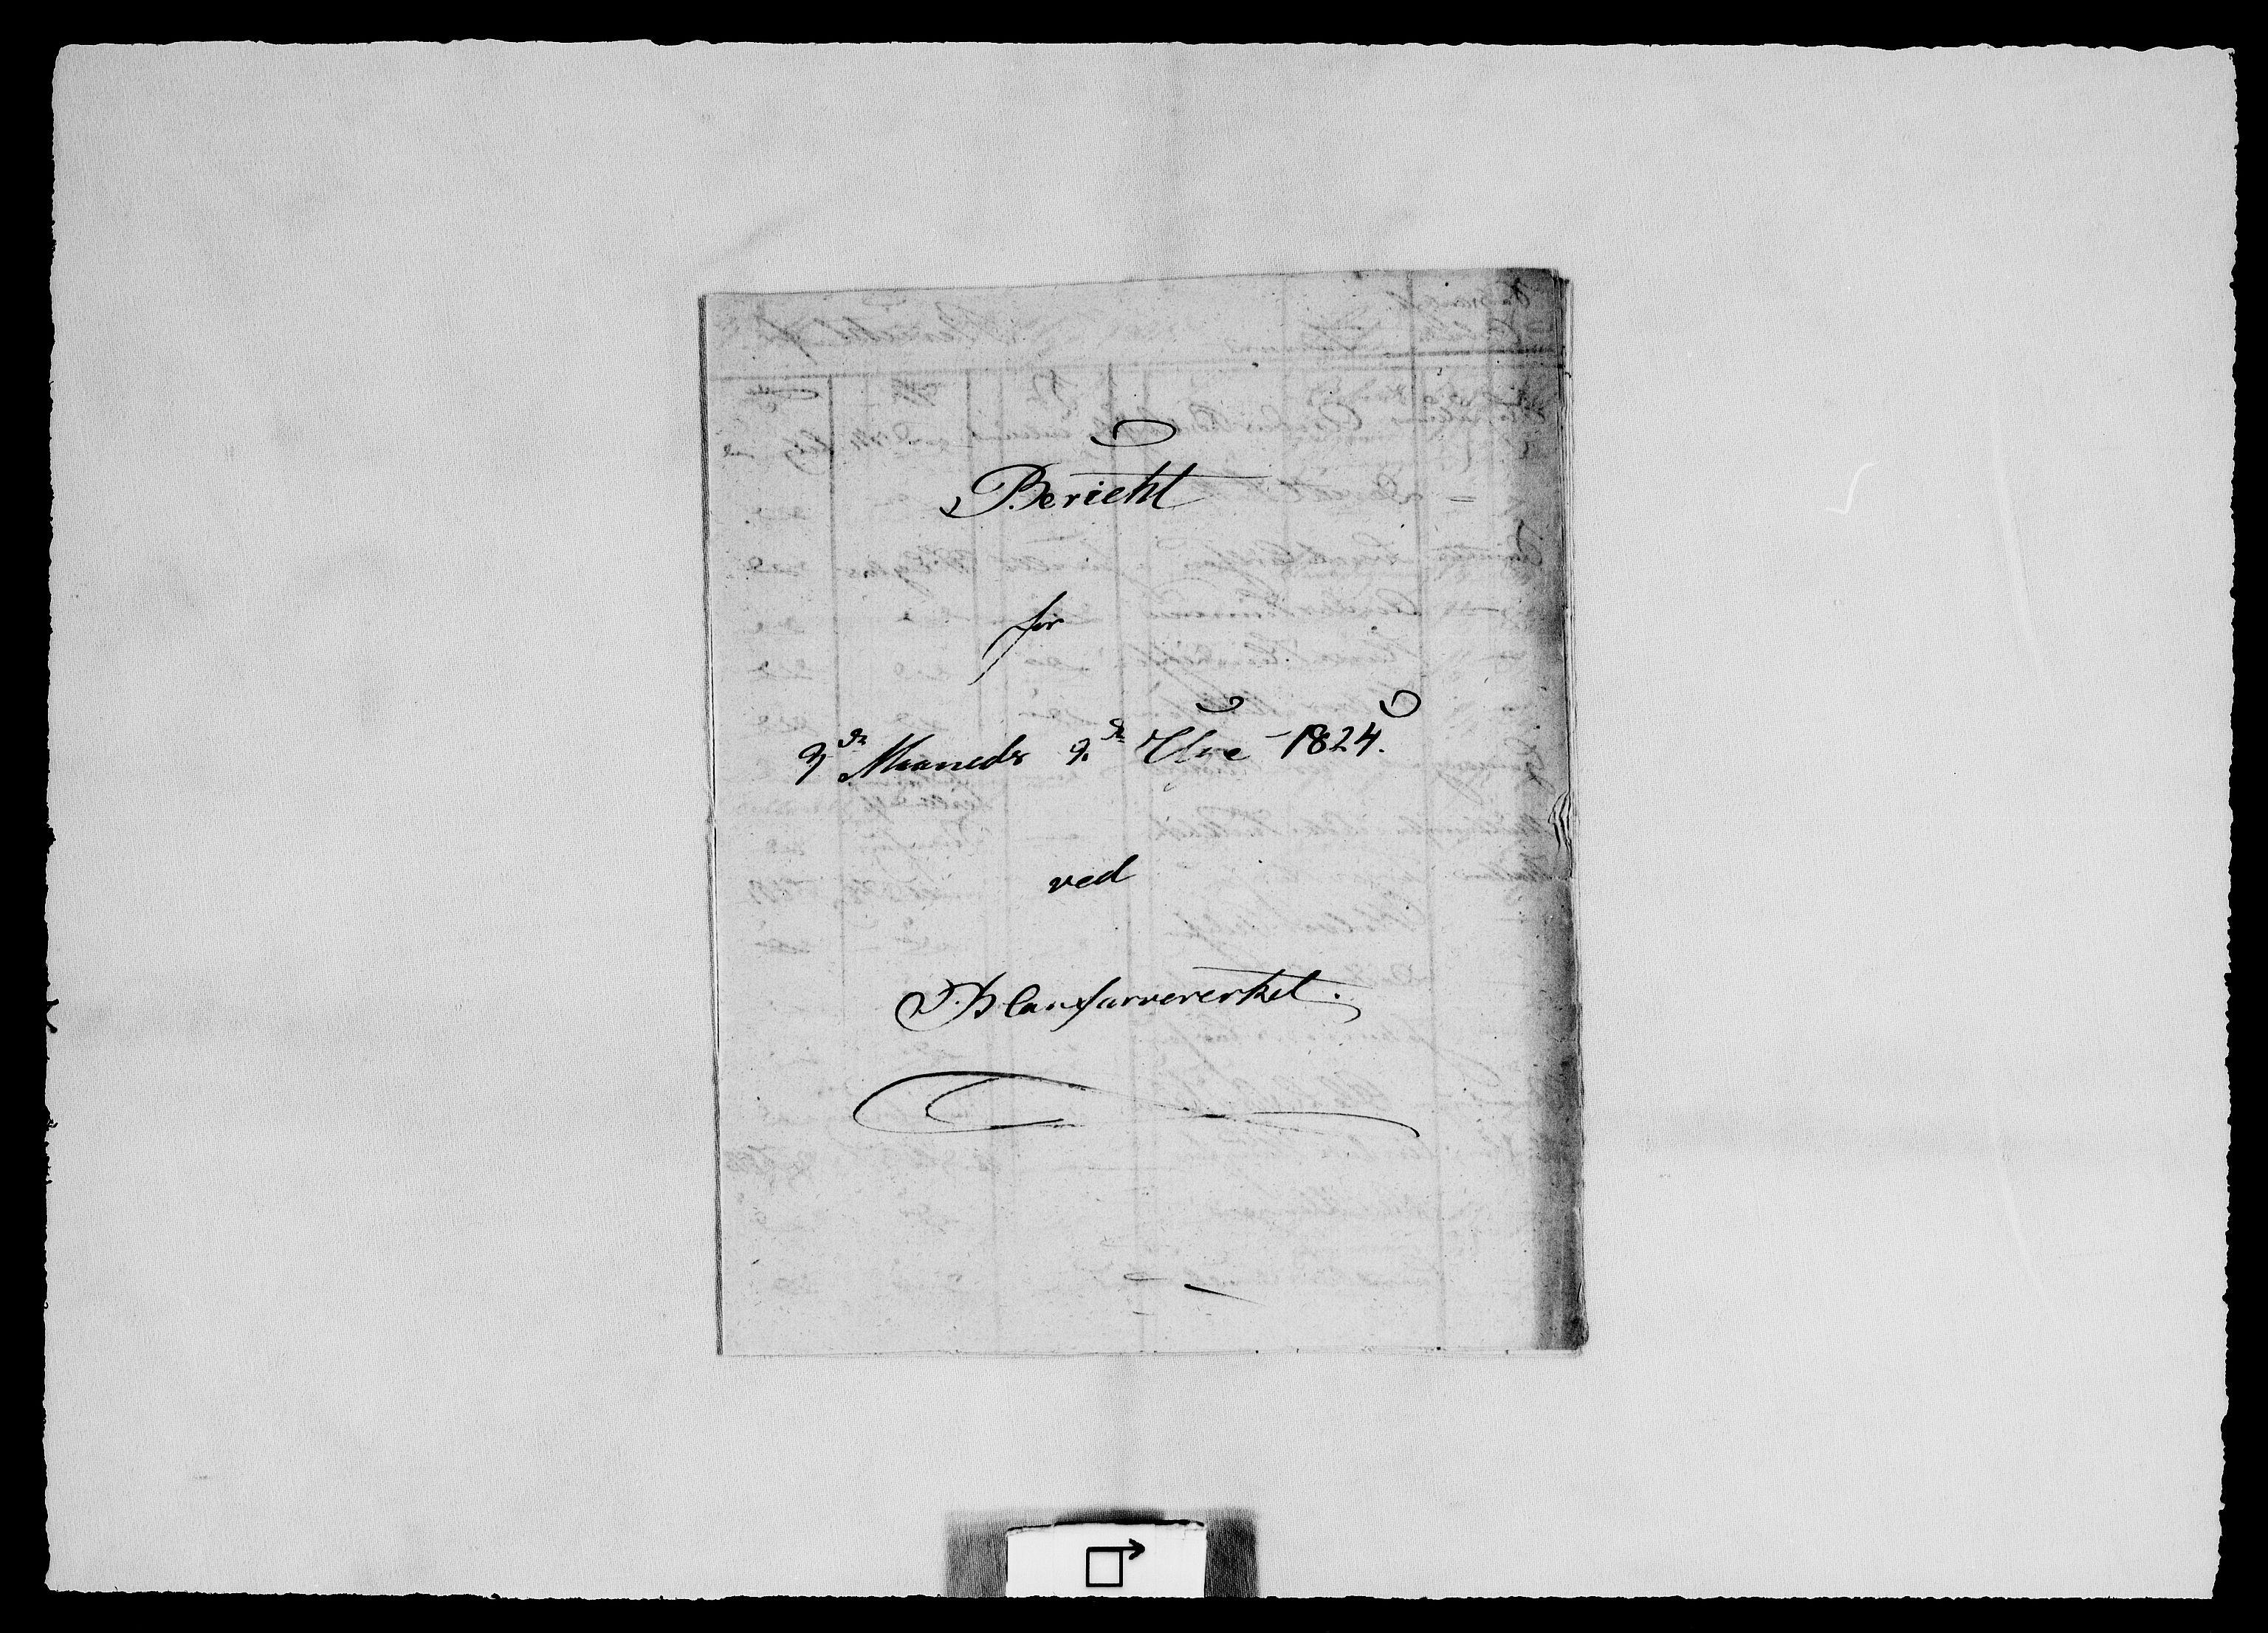 RA, Modums Blaafarveværk, G/Ge/L0318, 1824-1826, s. 2